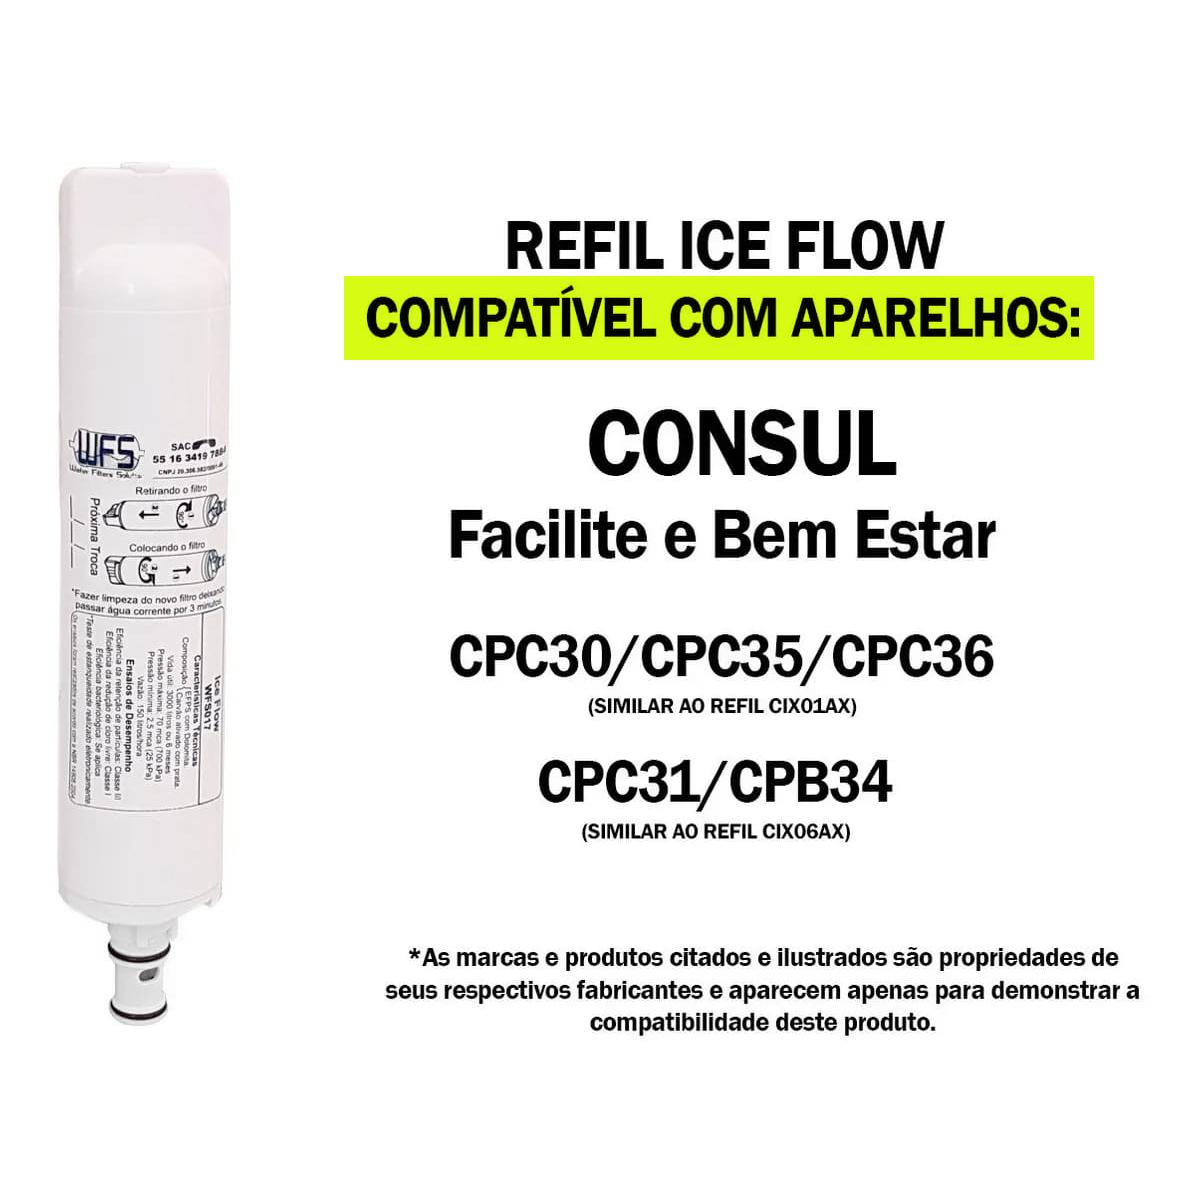 Refil WFS 017 Ice Flow Filtro Purificador Consul Facilite